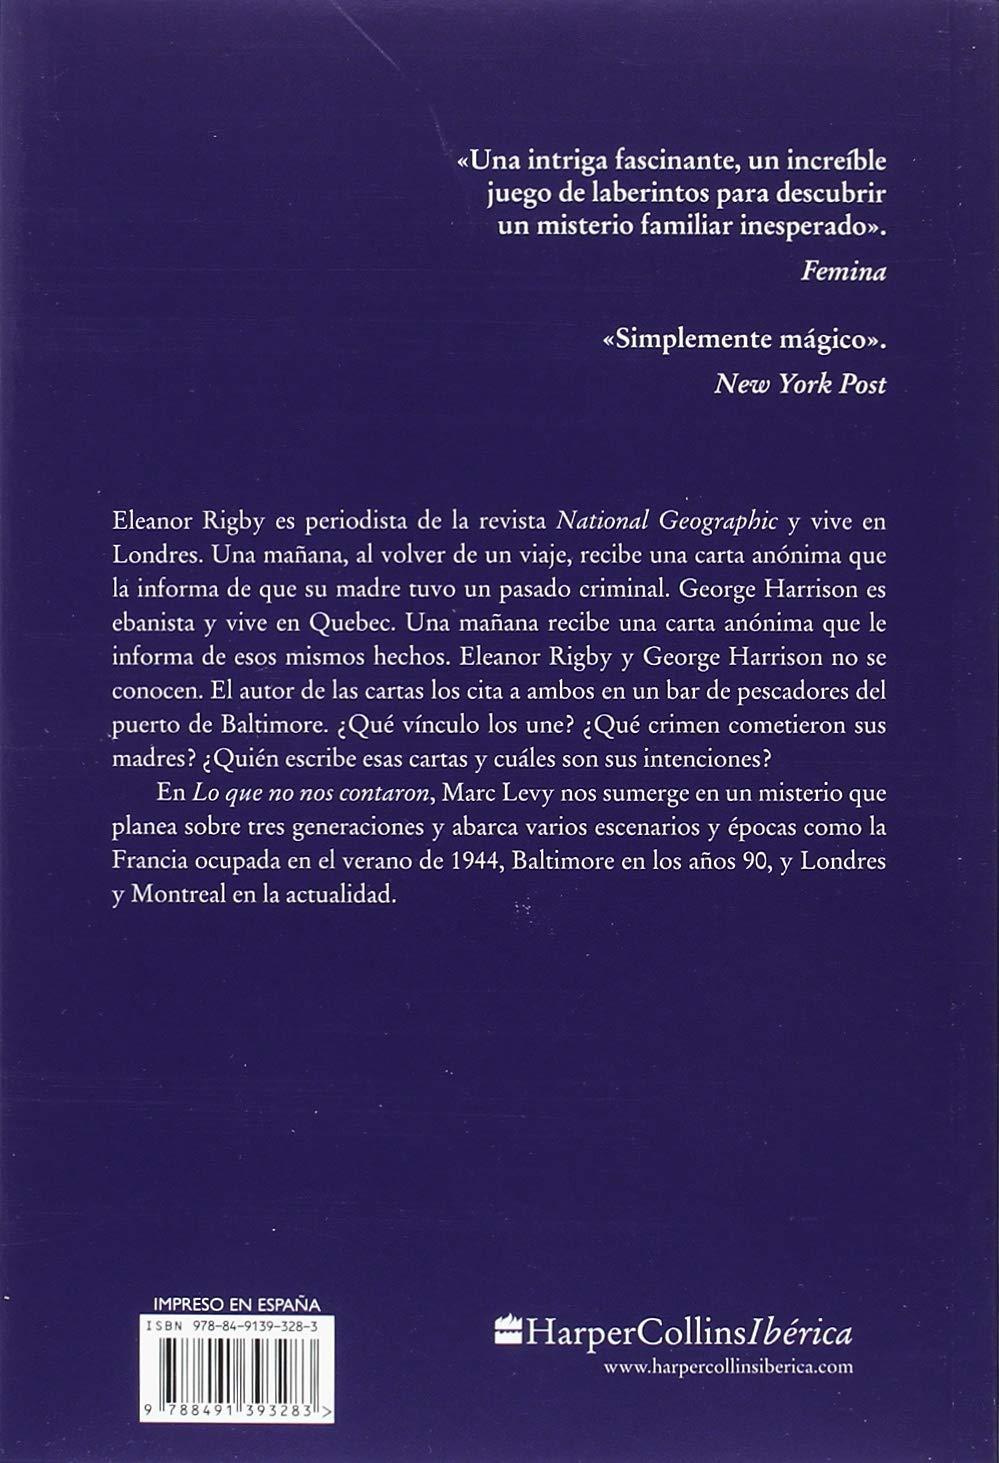 LO QUE NO NOS CONTARON (HARPERCOLLINS): Amazon.es: Levy, Marc, González-Gallarza Granizo, Isabel: Libros